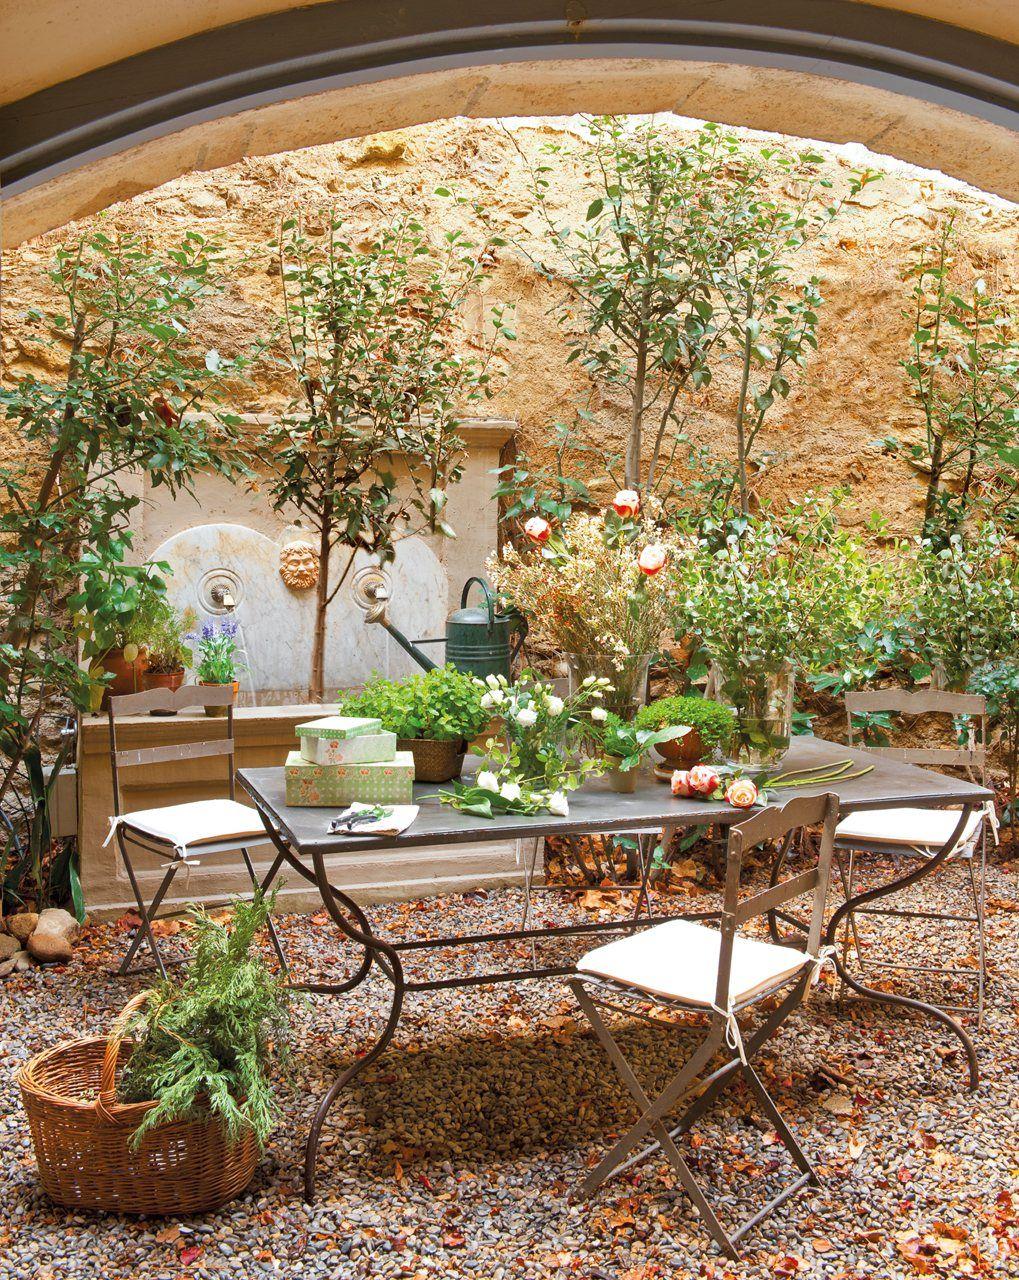 El cuidado del exterior ideas de decoraci n del hogar - Suelos rusticos interior fotos ...